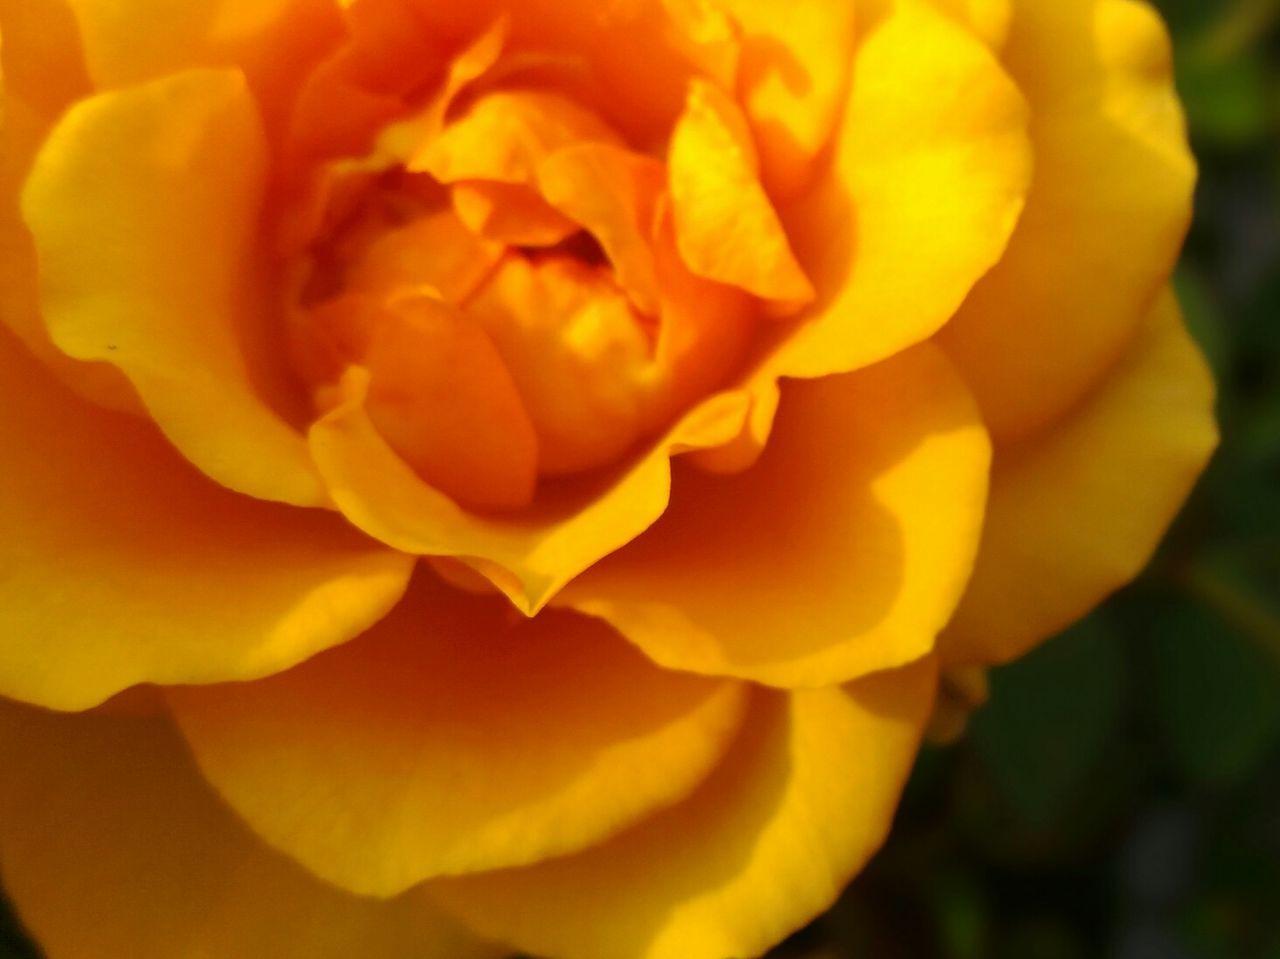 Rose🌹 Rose♥ Rose Collection Roses_collection Roses Roses🌹 Yellow Yellow Flower Yellow Rose Yellow Rose🌹 Yellow Roses Yellow Rose... Close-up Flower Flowers Flower Lover Flower Lovers Rosé Rose - Flower Closeup Cute♡ Cute Beauty In Nature